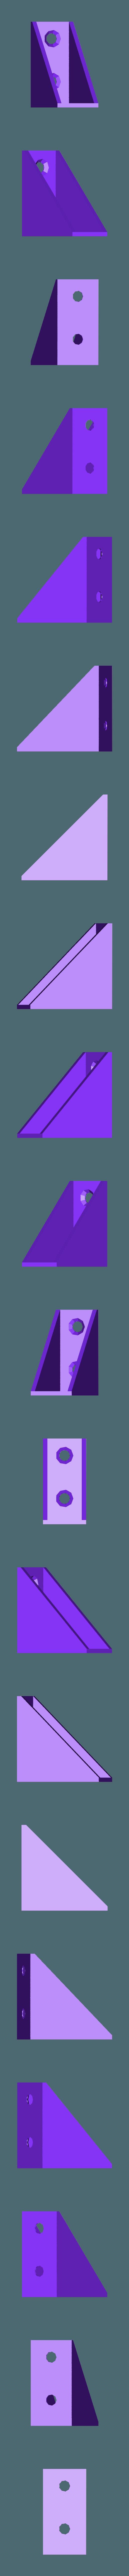 Support 40x40 M5.stl Télécharger fichier STL gratuit Soutien 2020 40*40*20 • Plan pour imprimante 3D, stevenduyck1980